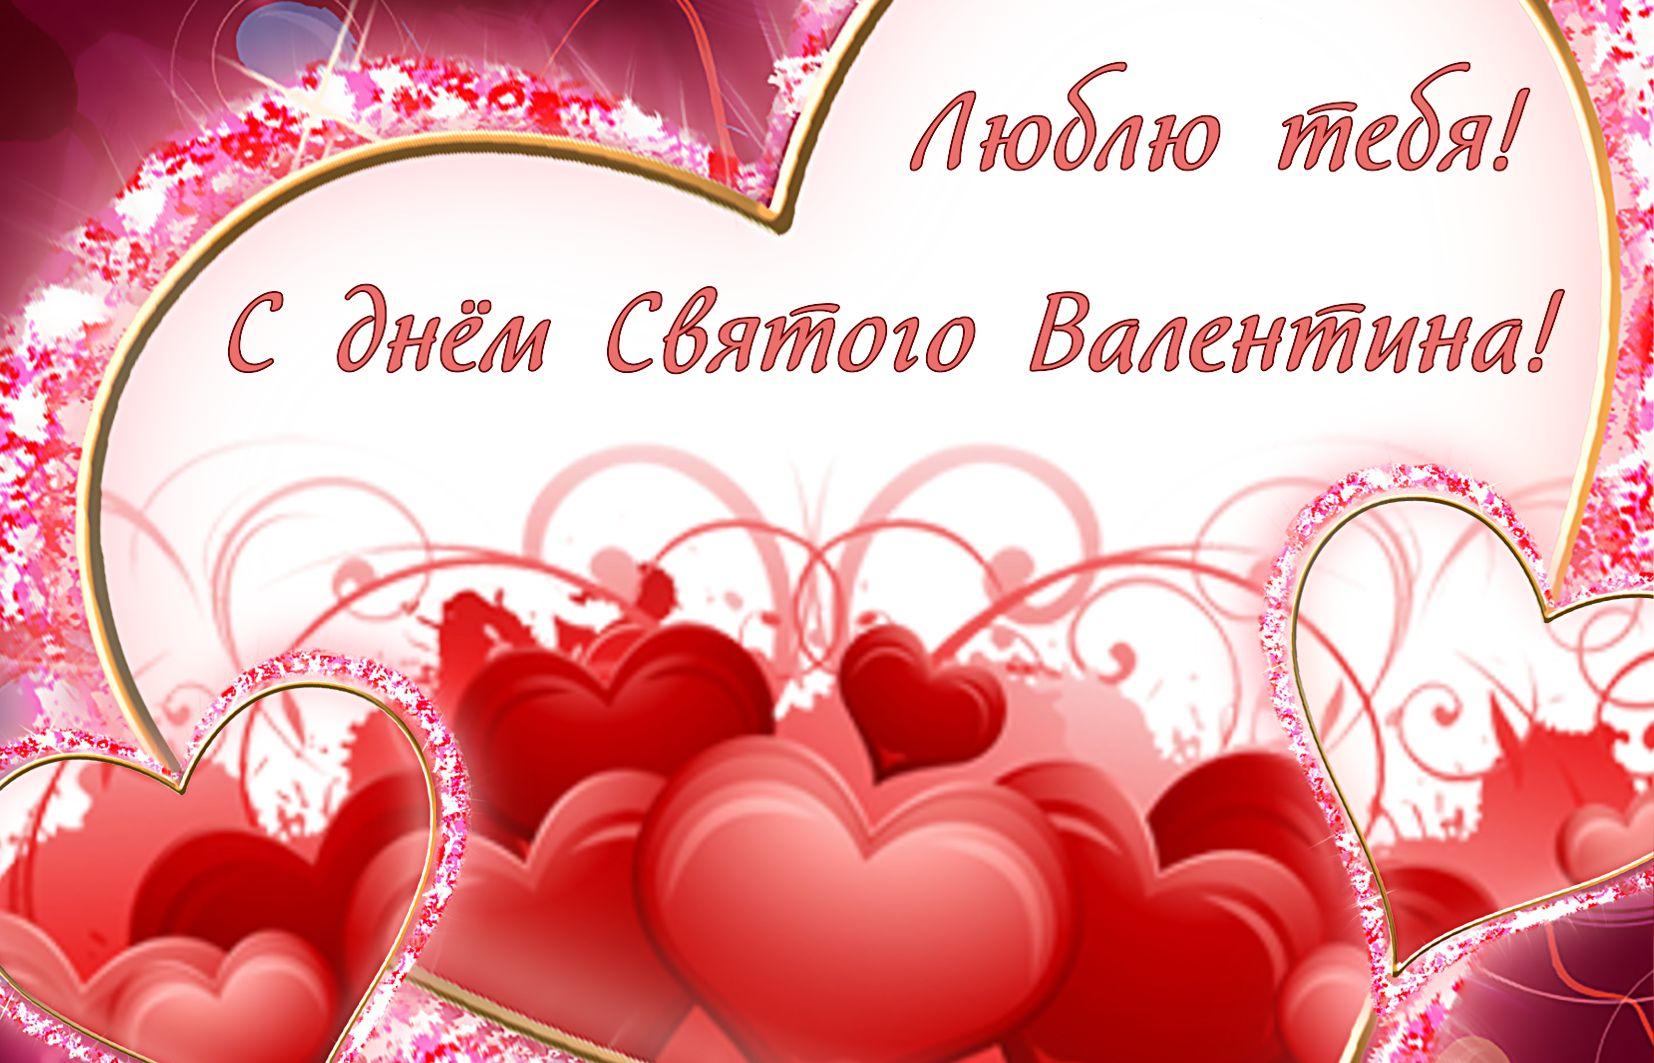 Открытка с красивыми сердечками на день Святого Валентина